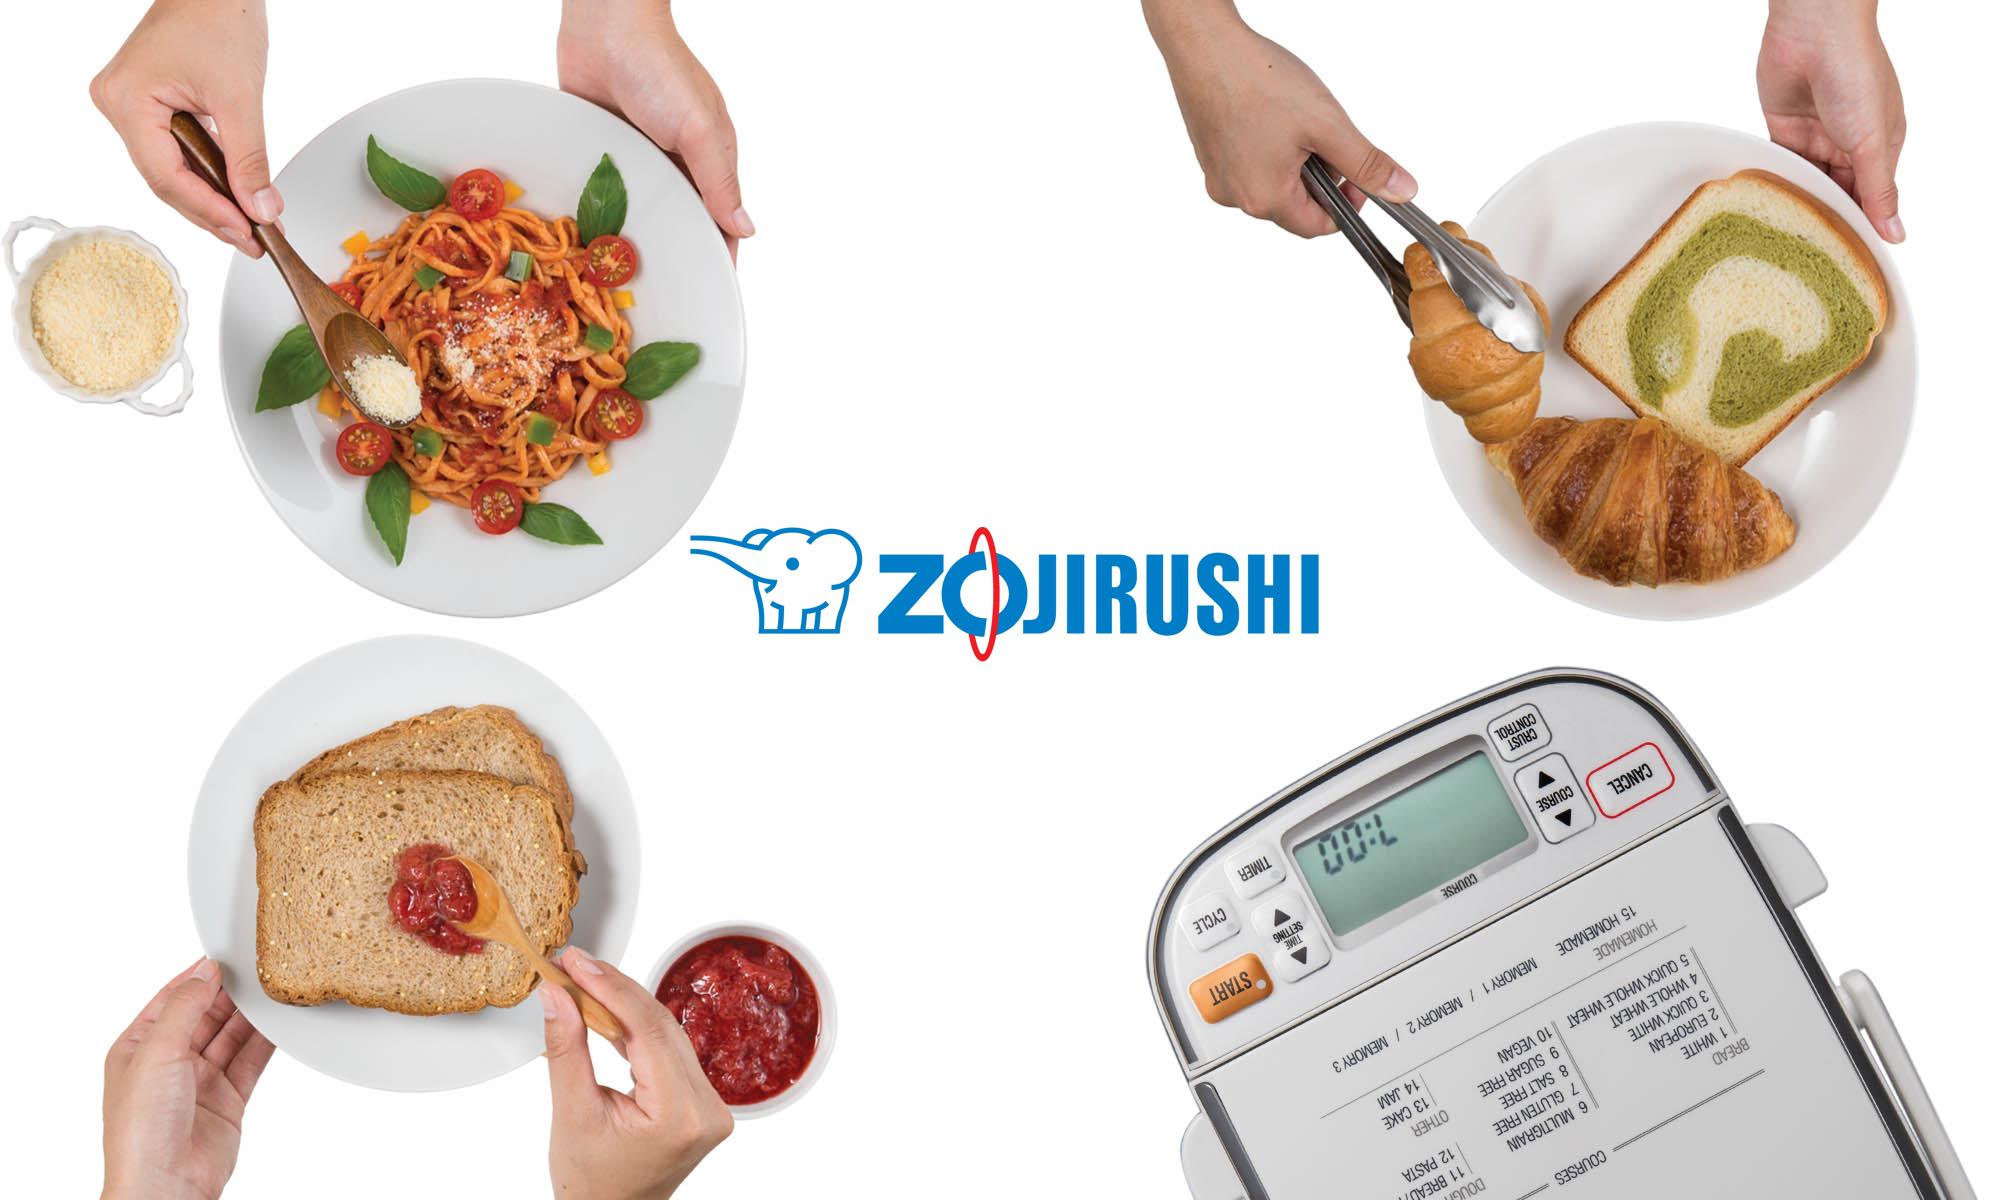 www.zojirushi.com